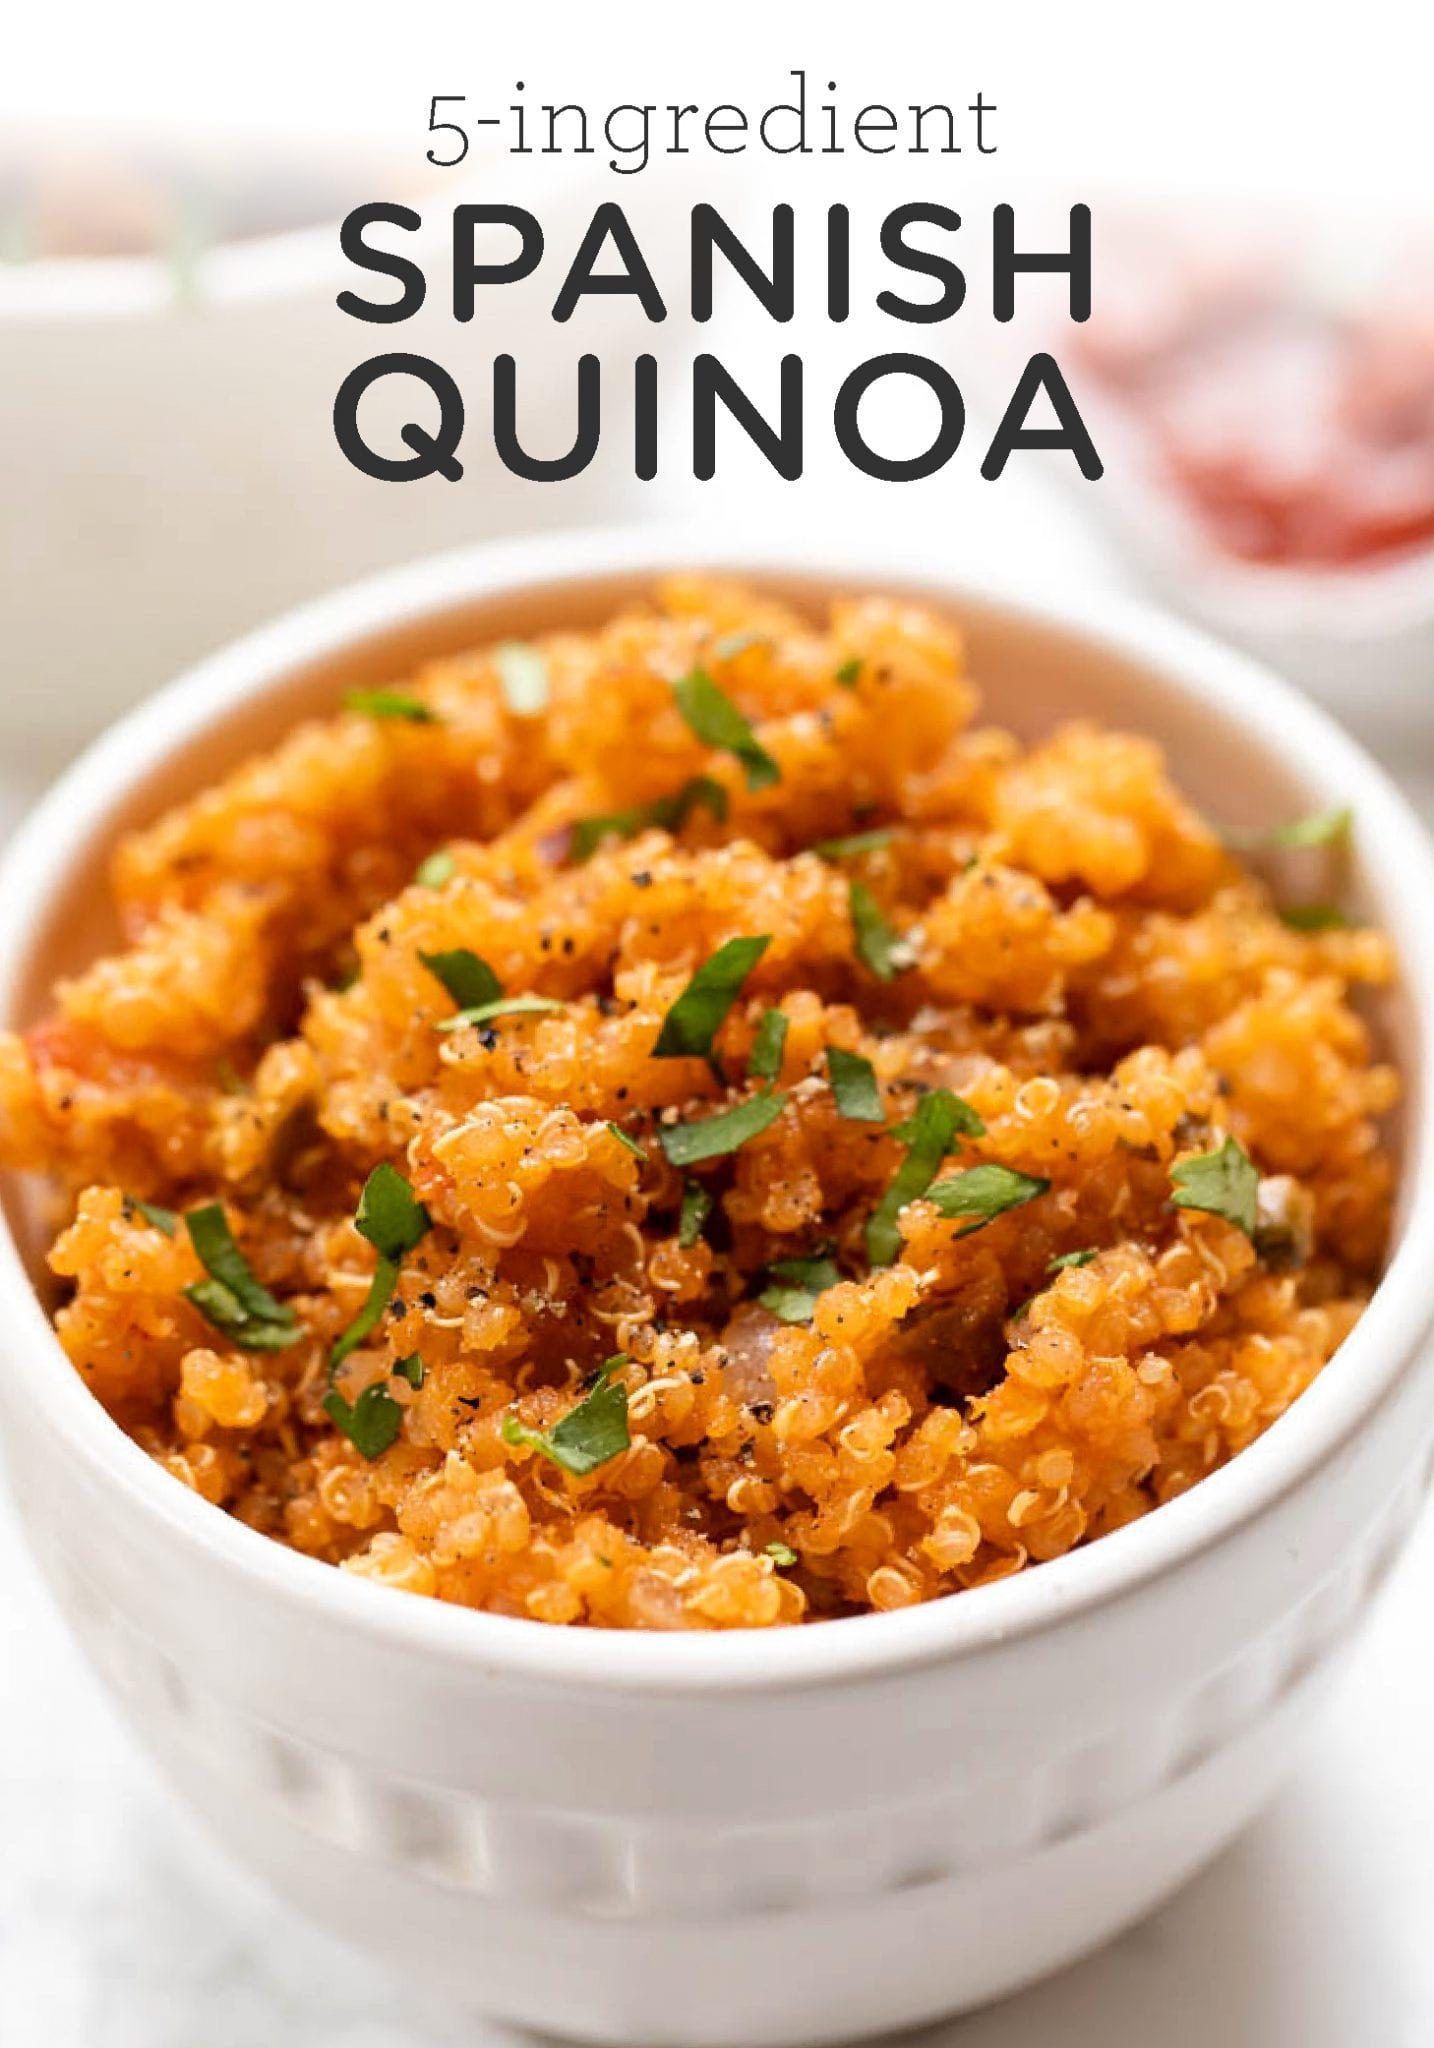 Spanish Quinoa images